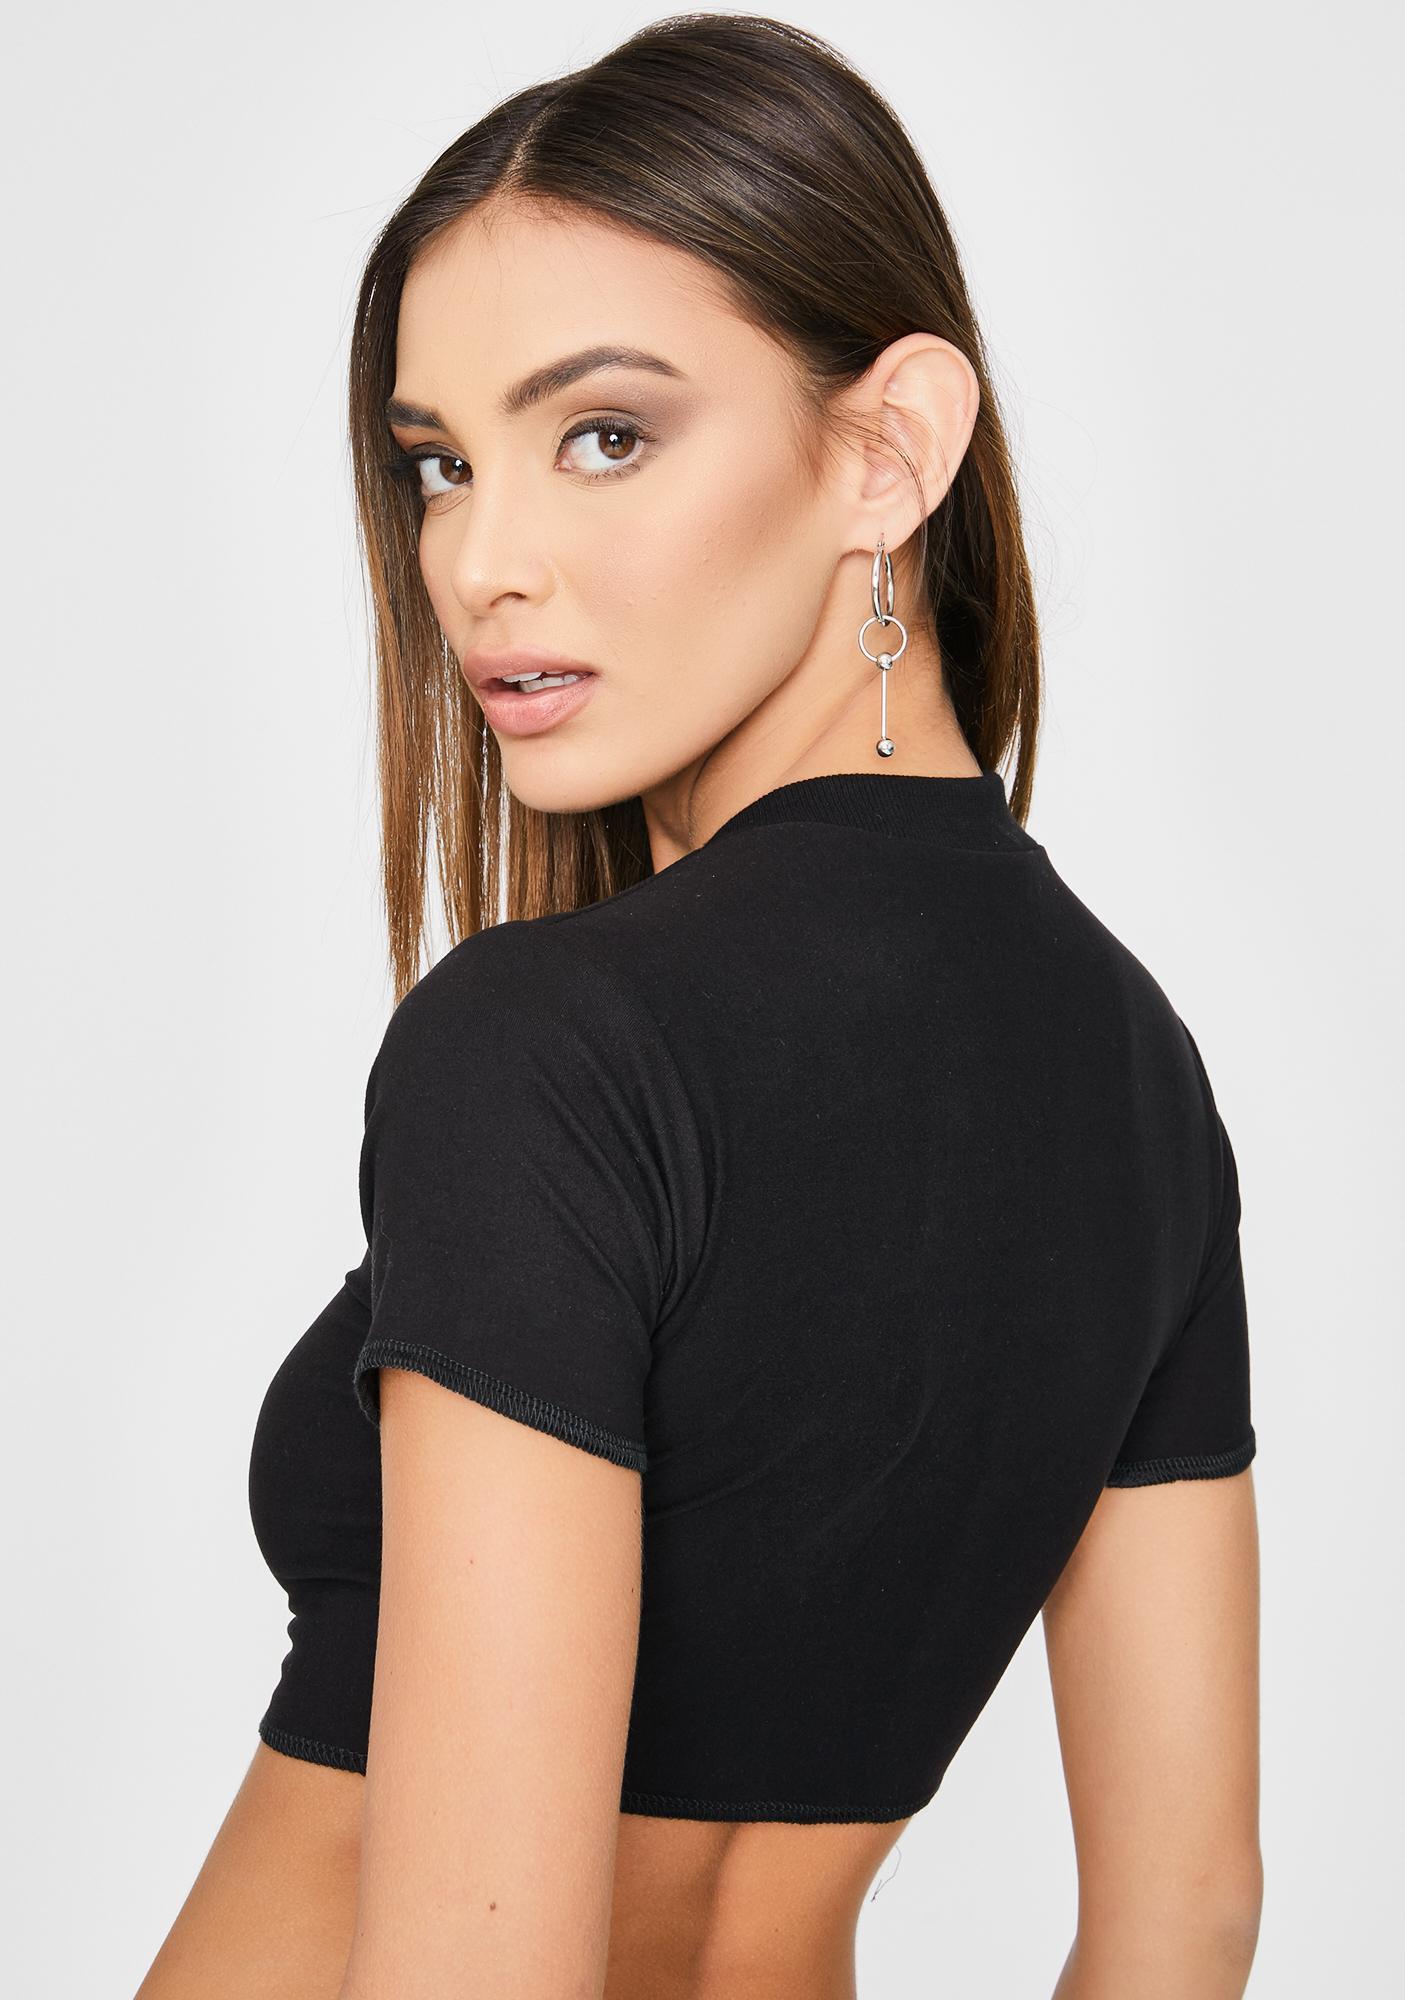 Riccetti Clothing Chain Pierced Crop Top